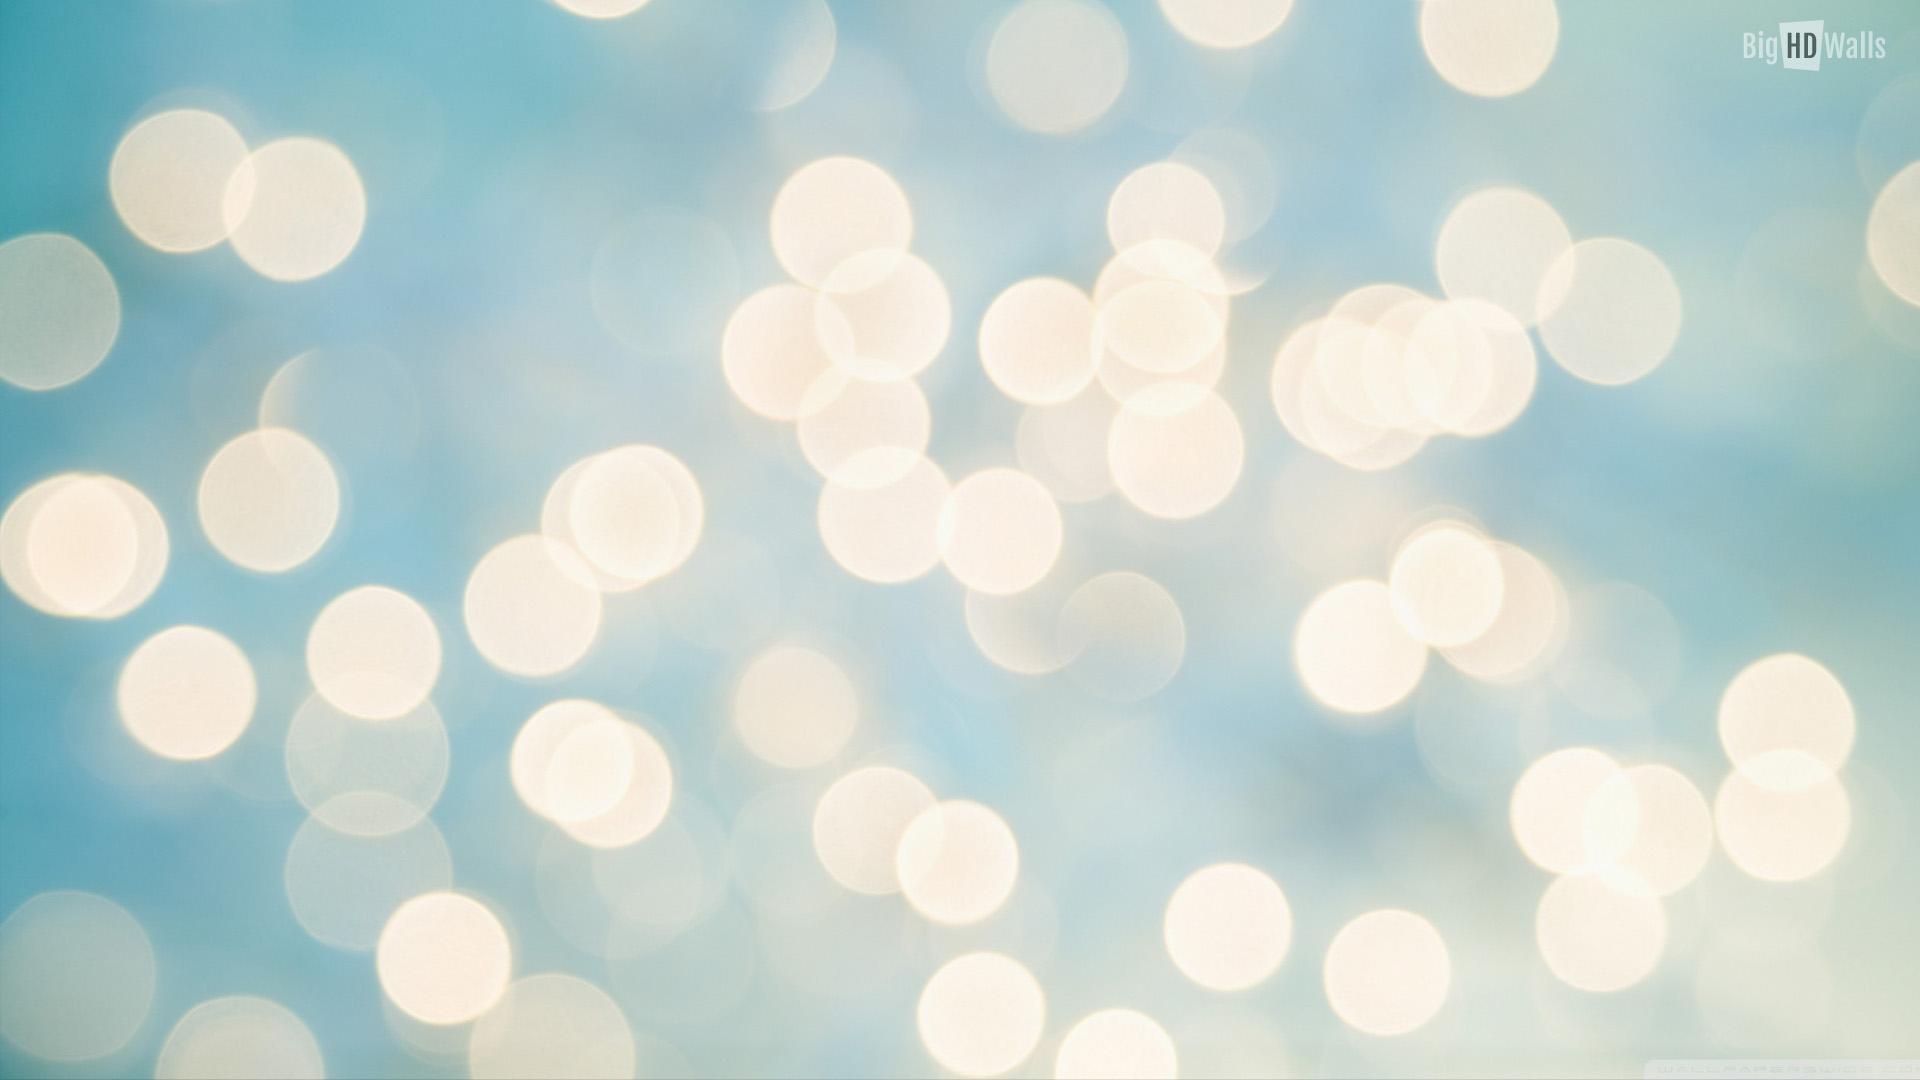 Holiday background photo